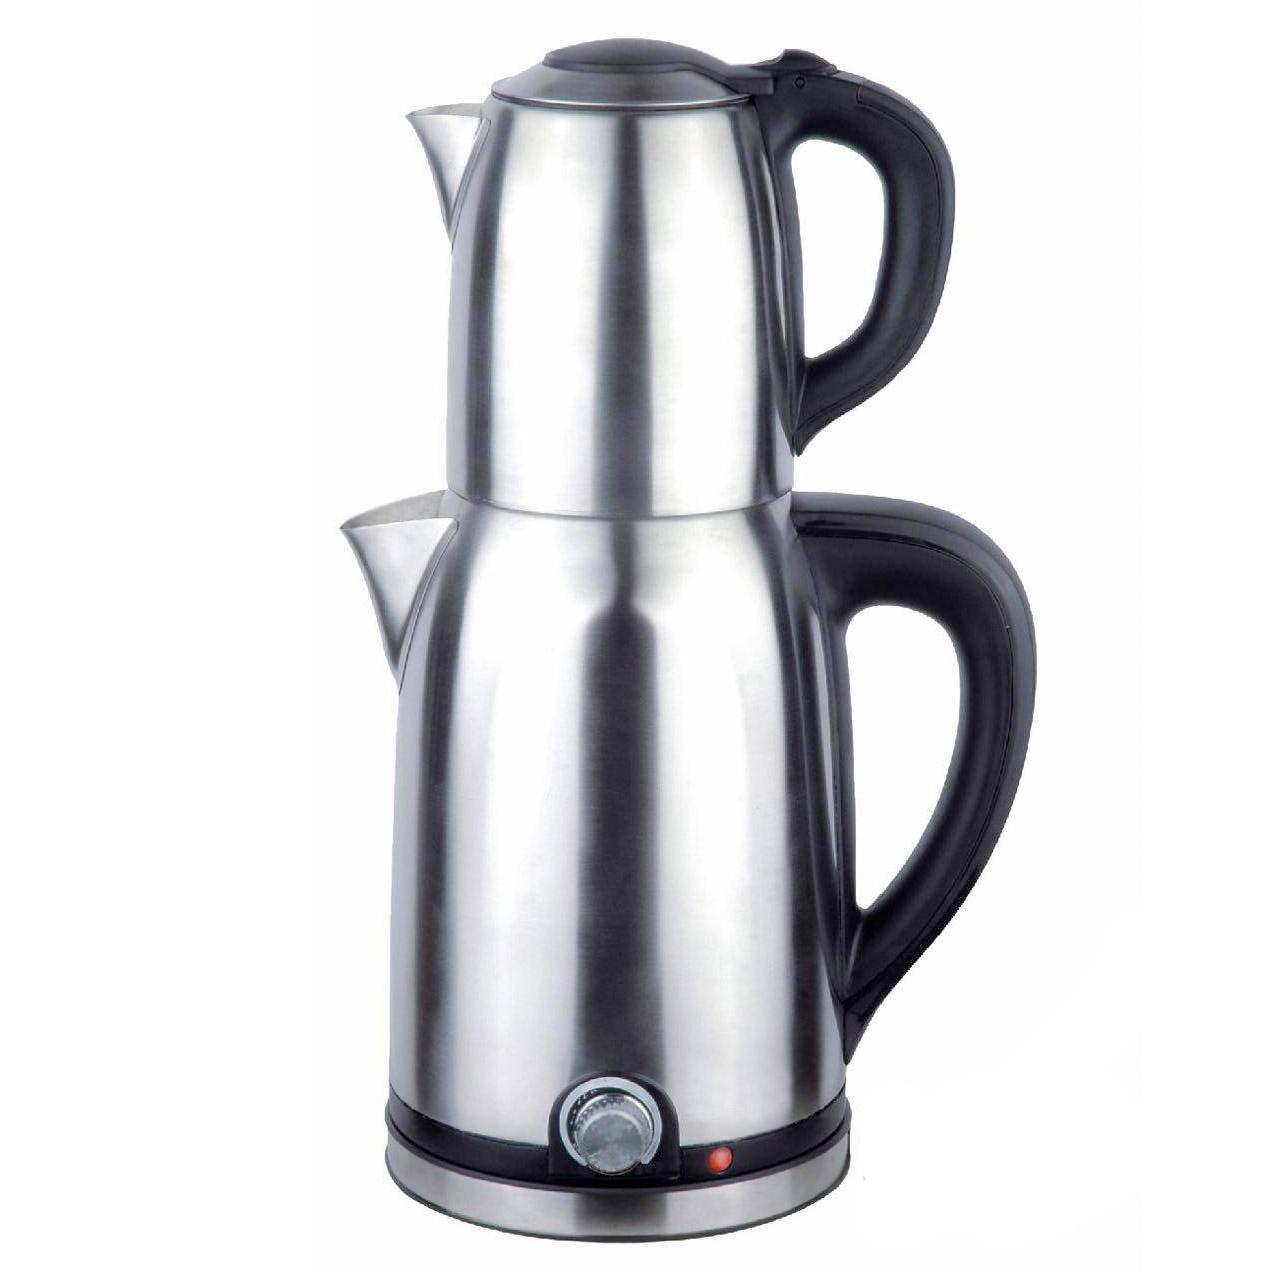 تصویر چای ساز دسینی مدل 6006 Dessini 6006 Tea Maker